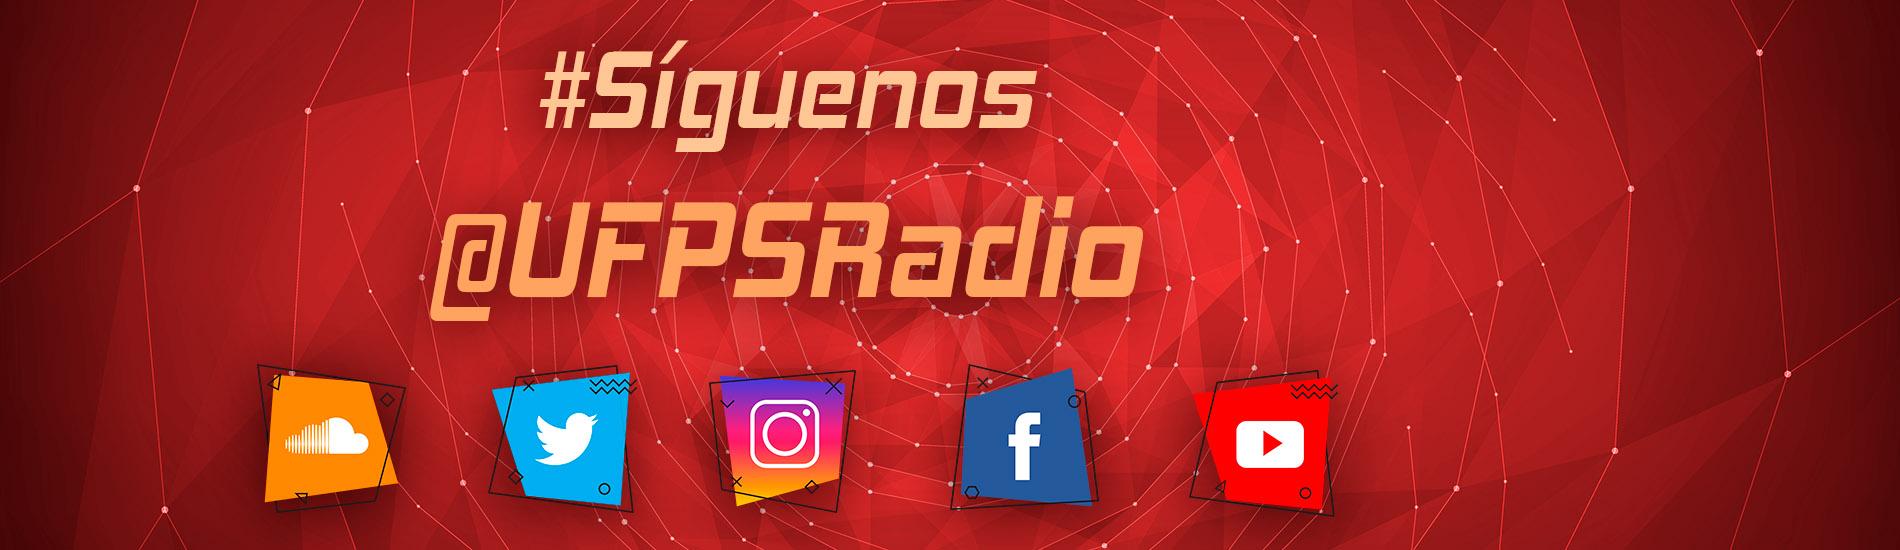 Disfruta de todo nuestro contenido en las redes sociales UFPS Radio 95.2 FM transmitiendo desde el corazón de Cúcuta